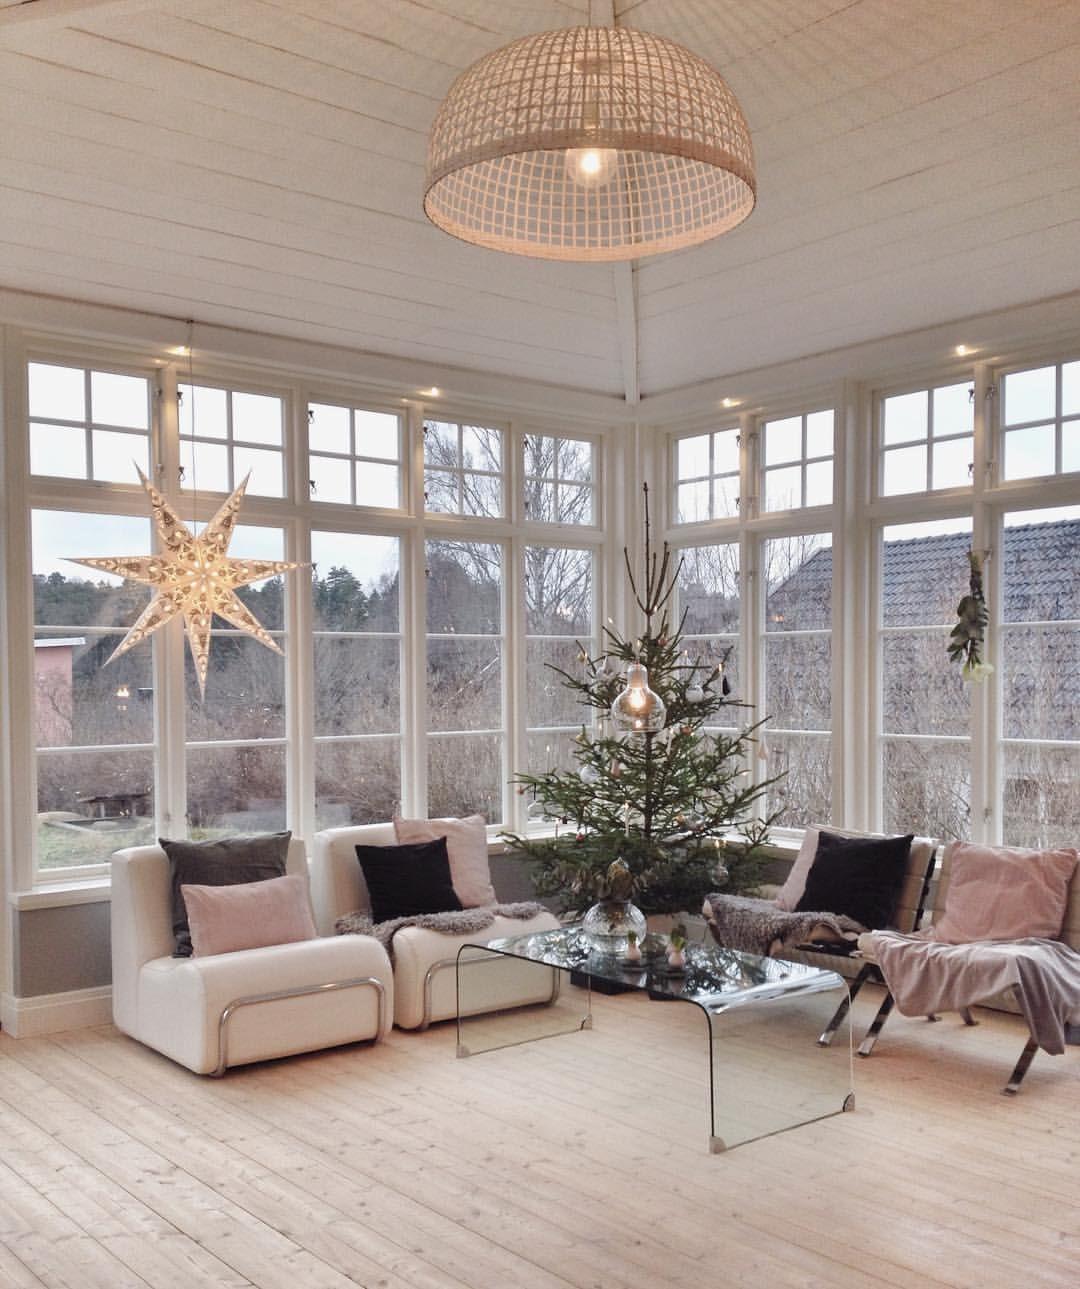 Inredning vinterbonat uterum : Uterum   Bildgalleri   Uterum   Pinterest   Doors, Verandas and ...